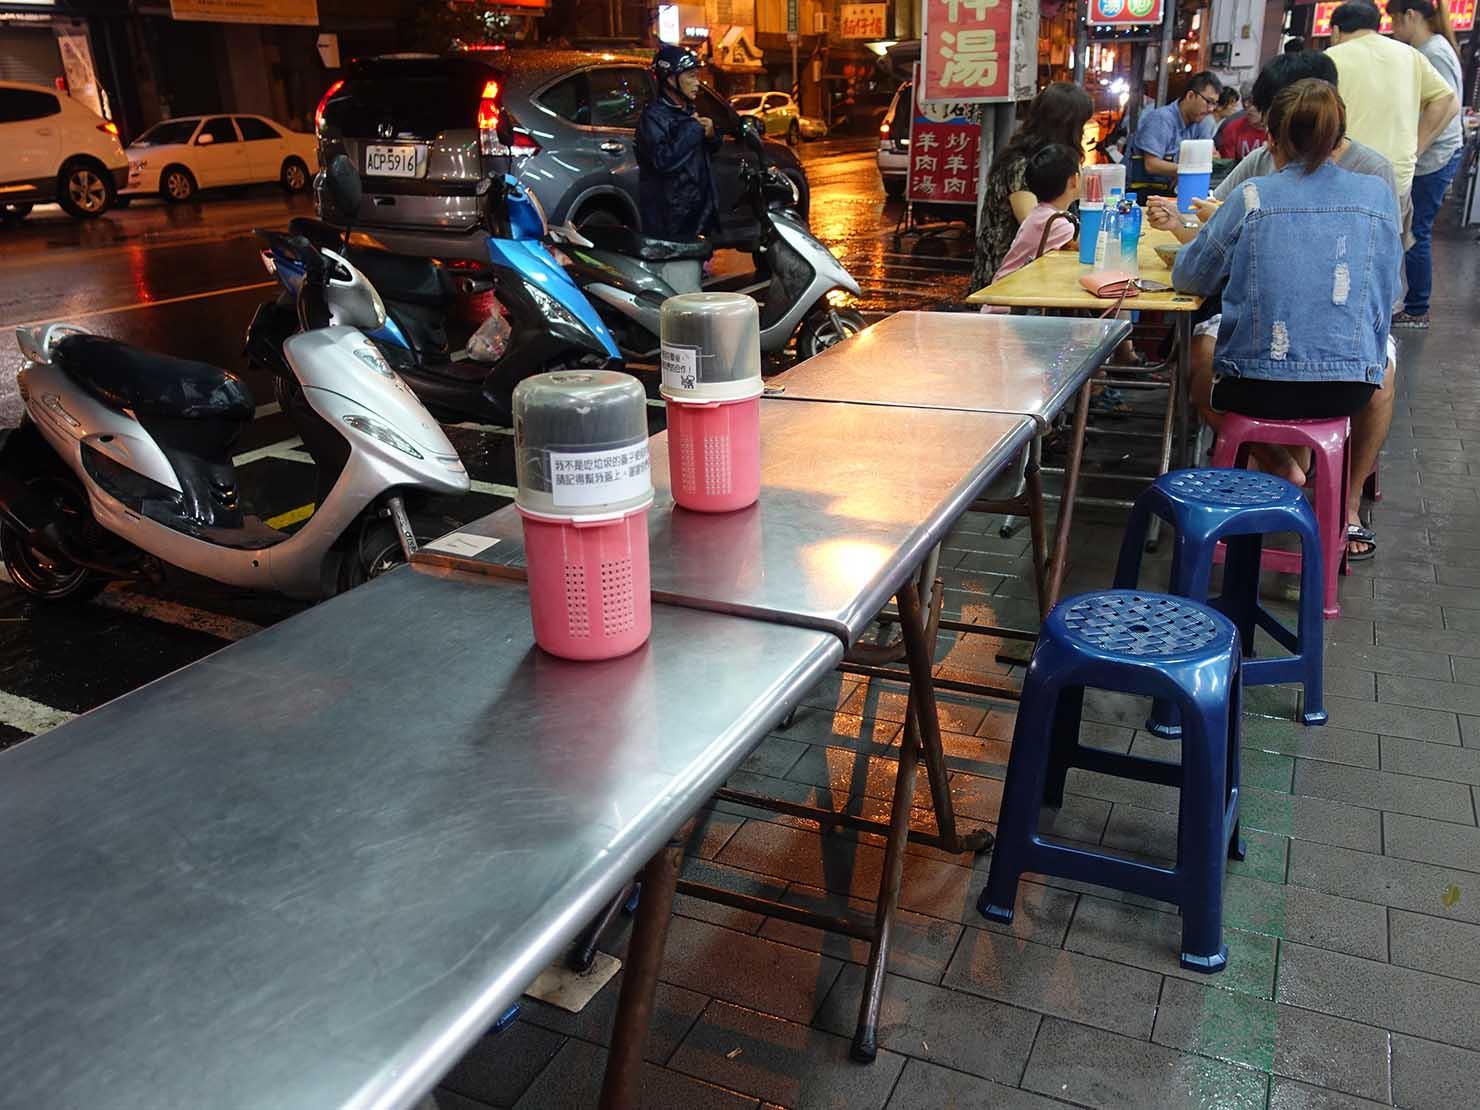 台南・赤崁樓周辺のおすすめグルメ店「虎頭府城風味小吃」のテーブル席